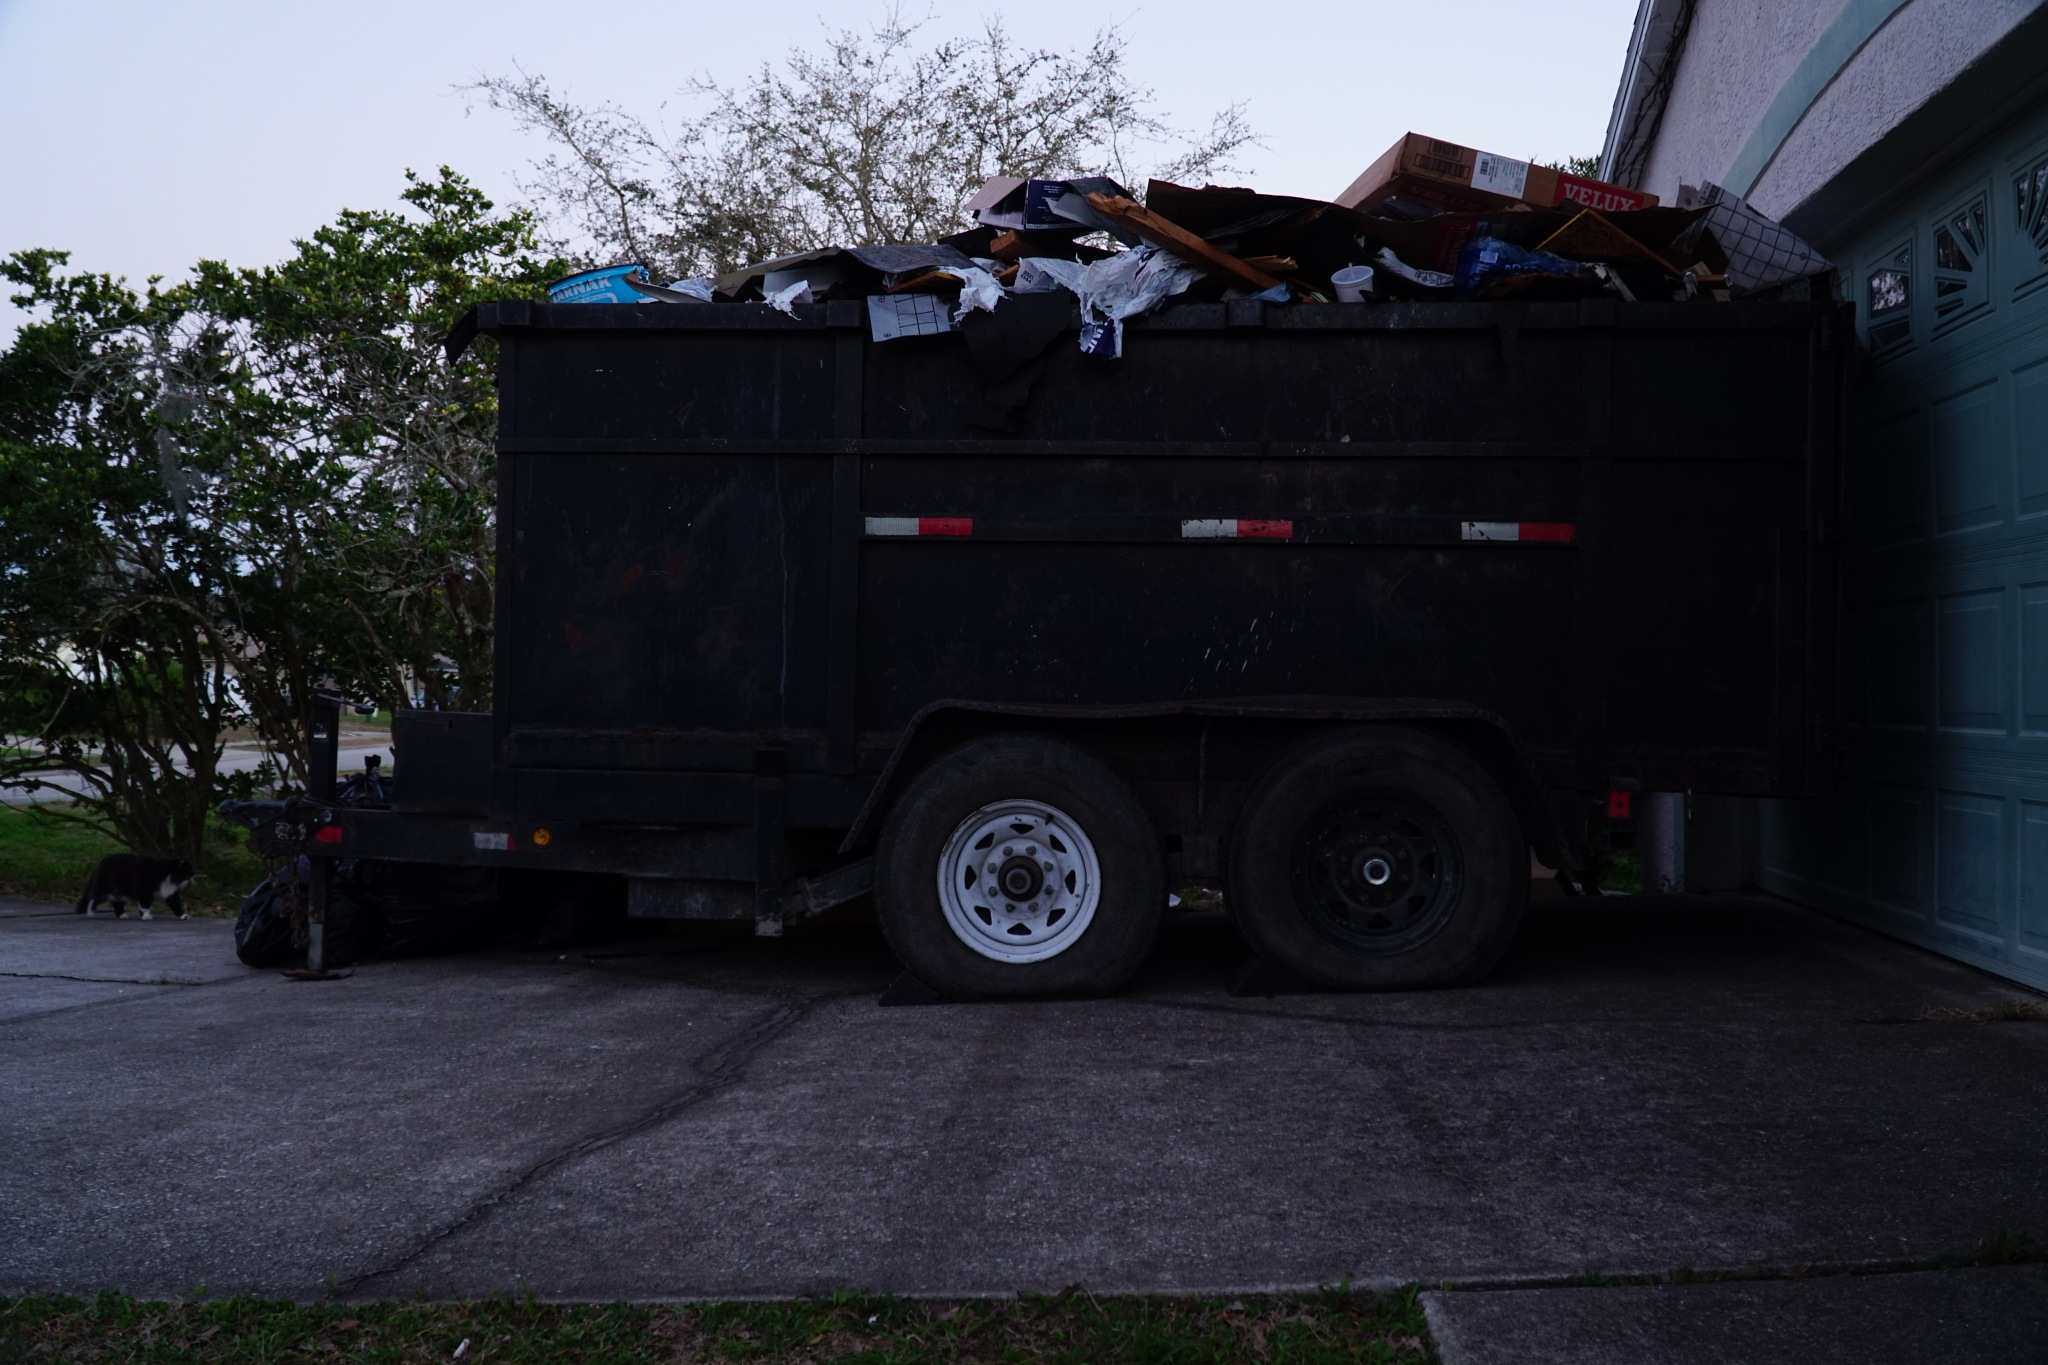 Dumpster by Lukeghost